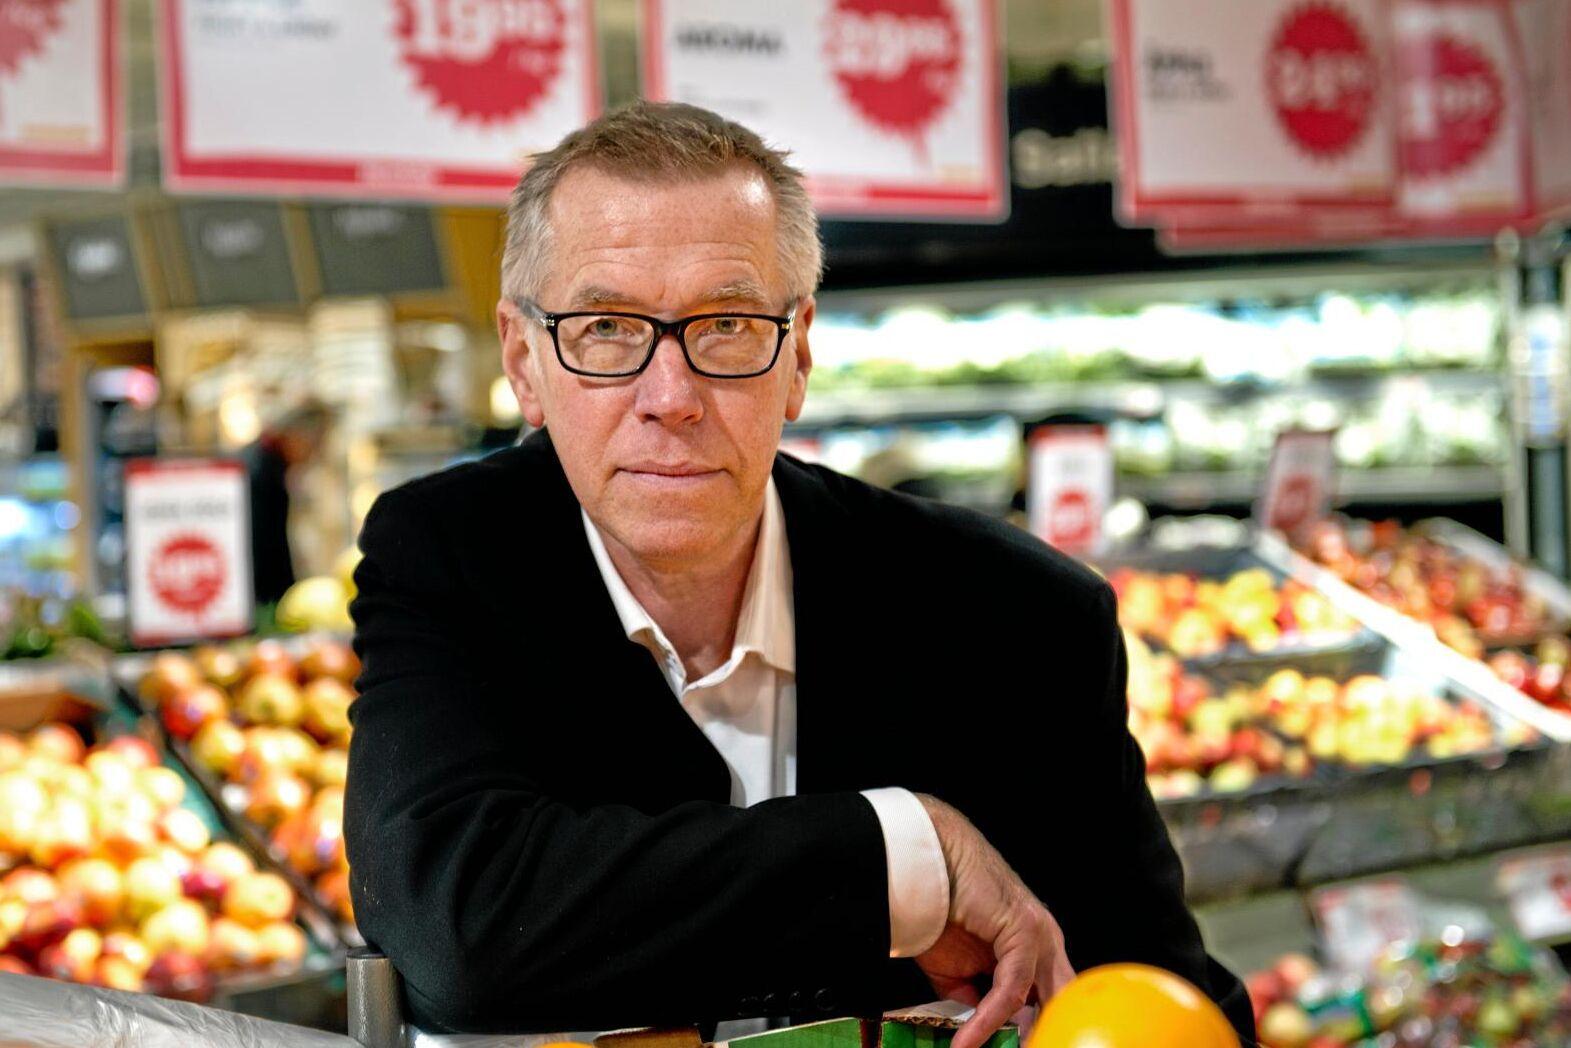 Claes Salomonsson är presschef på Axfood som levererar till Hemköp och Willys.